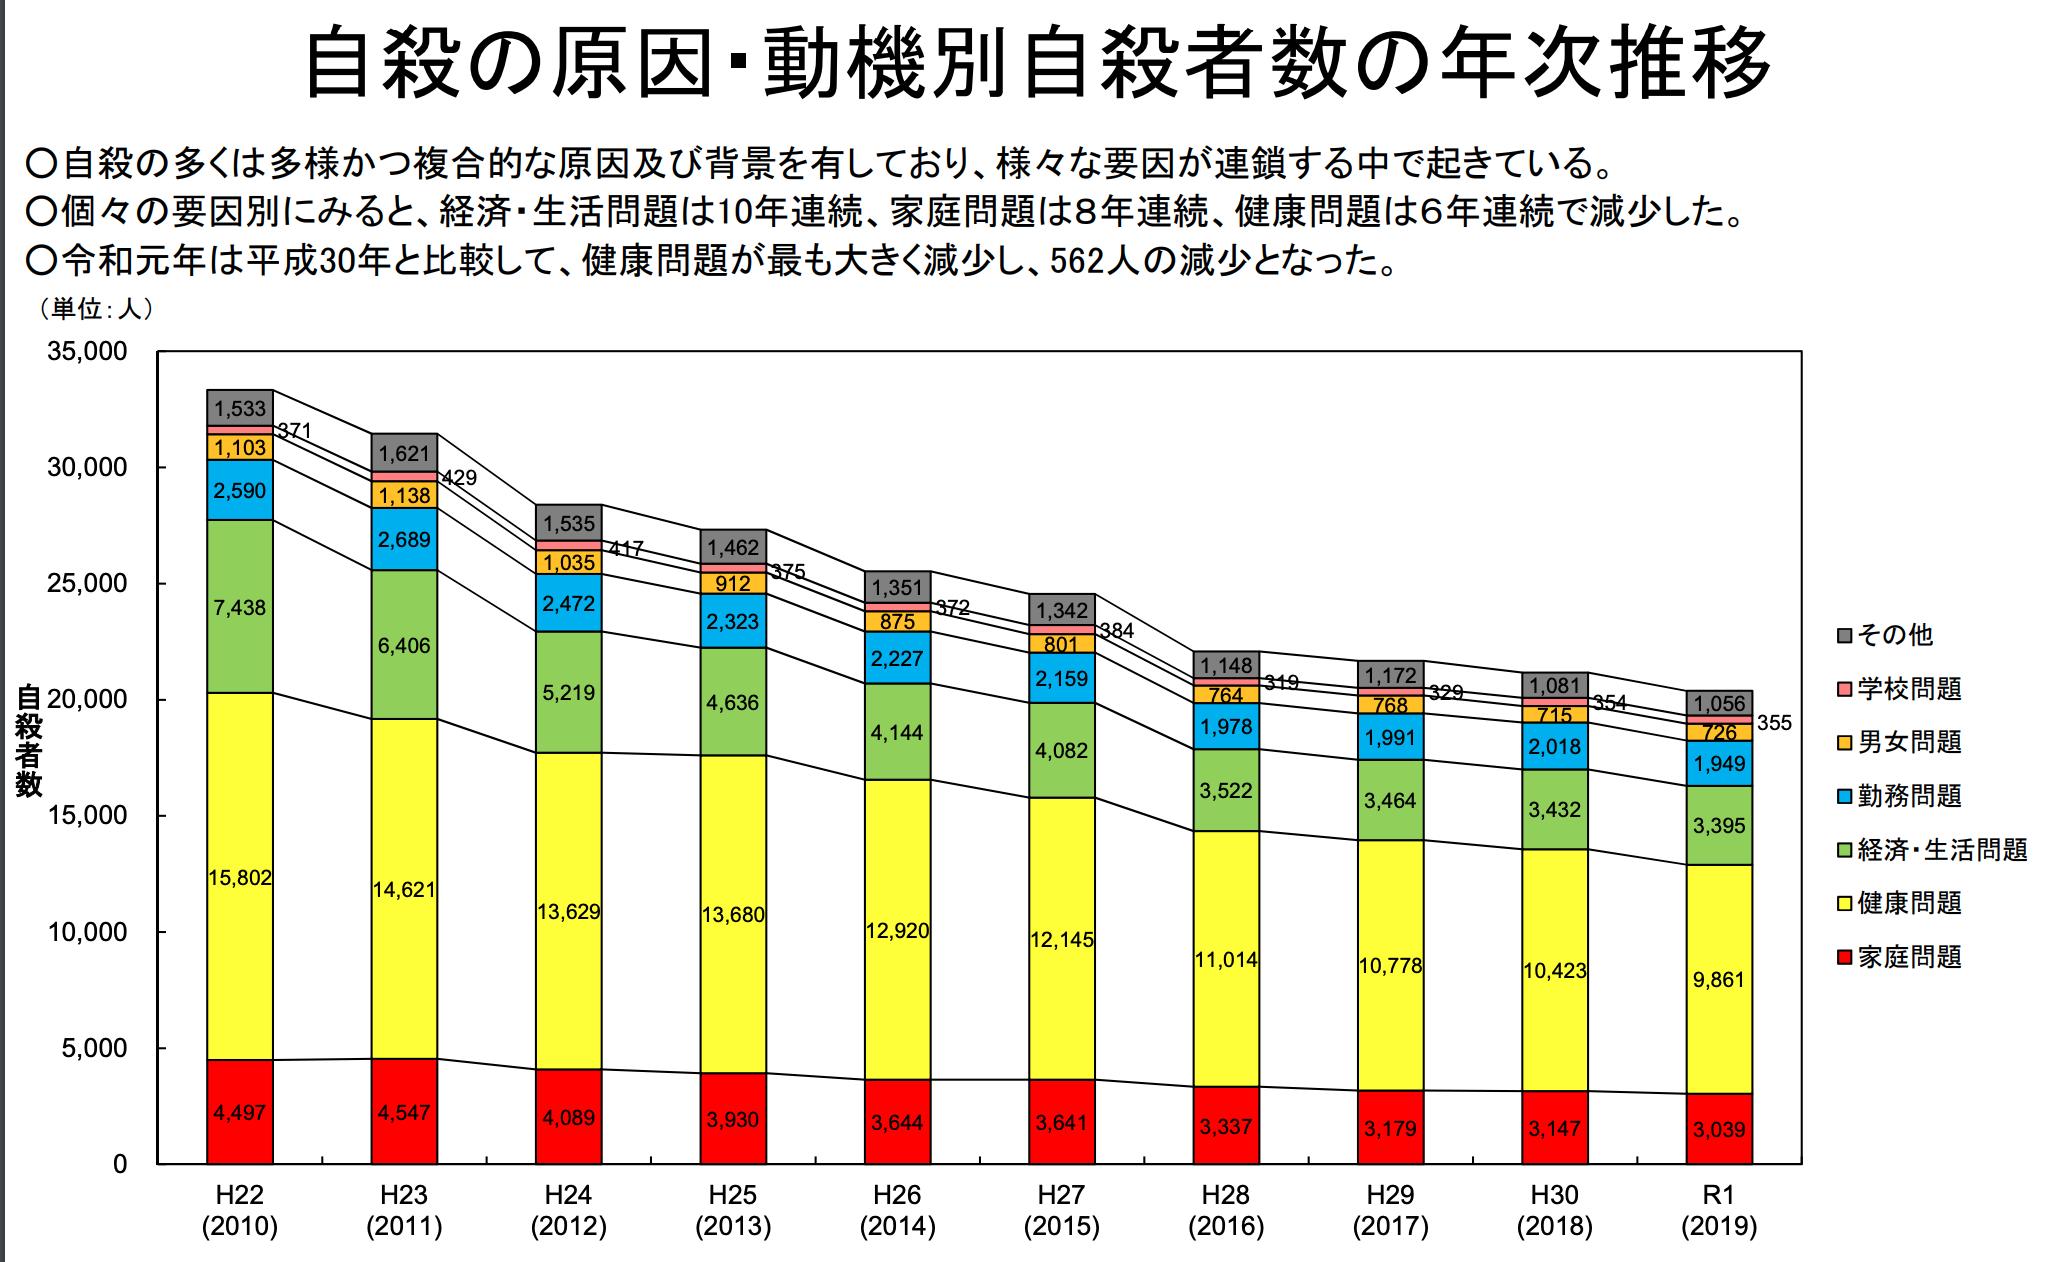 【日本】4月の自殺者数は大幅減少で過去5年で最少。自宅生活が奏功か。厚生労働省発表 5